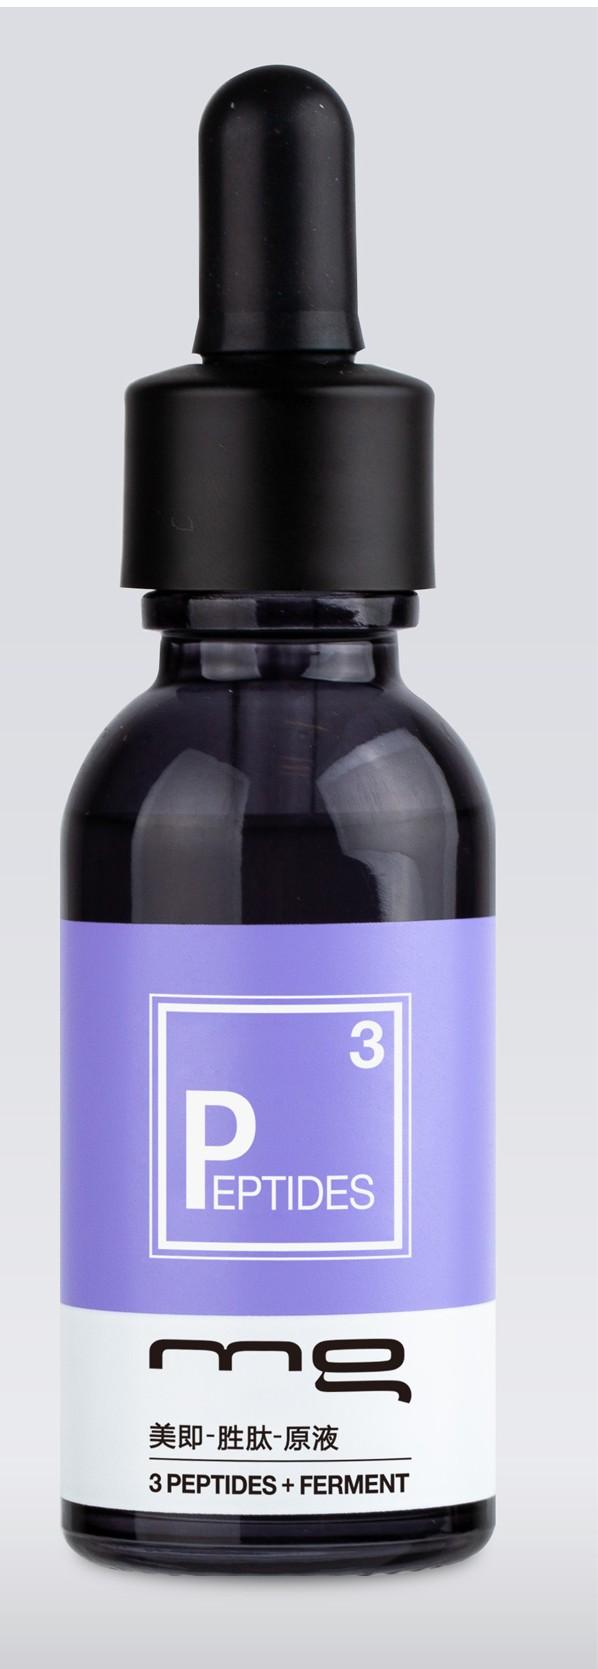 MG 3 Peptides + Ferment